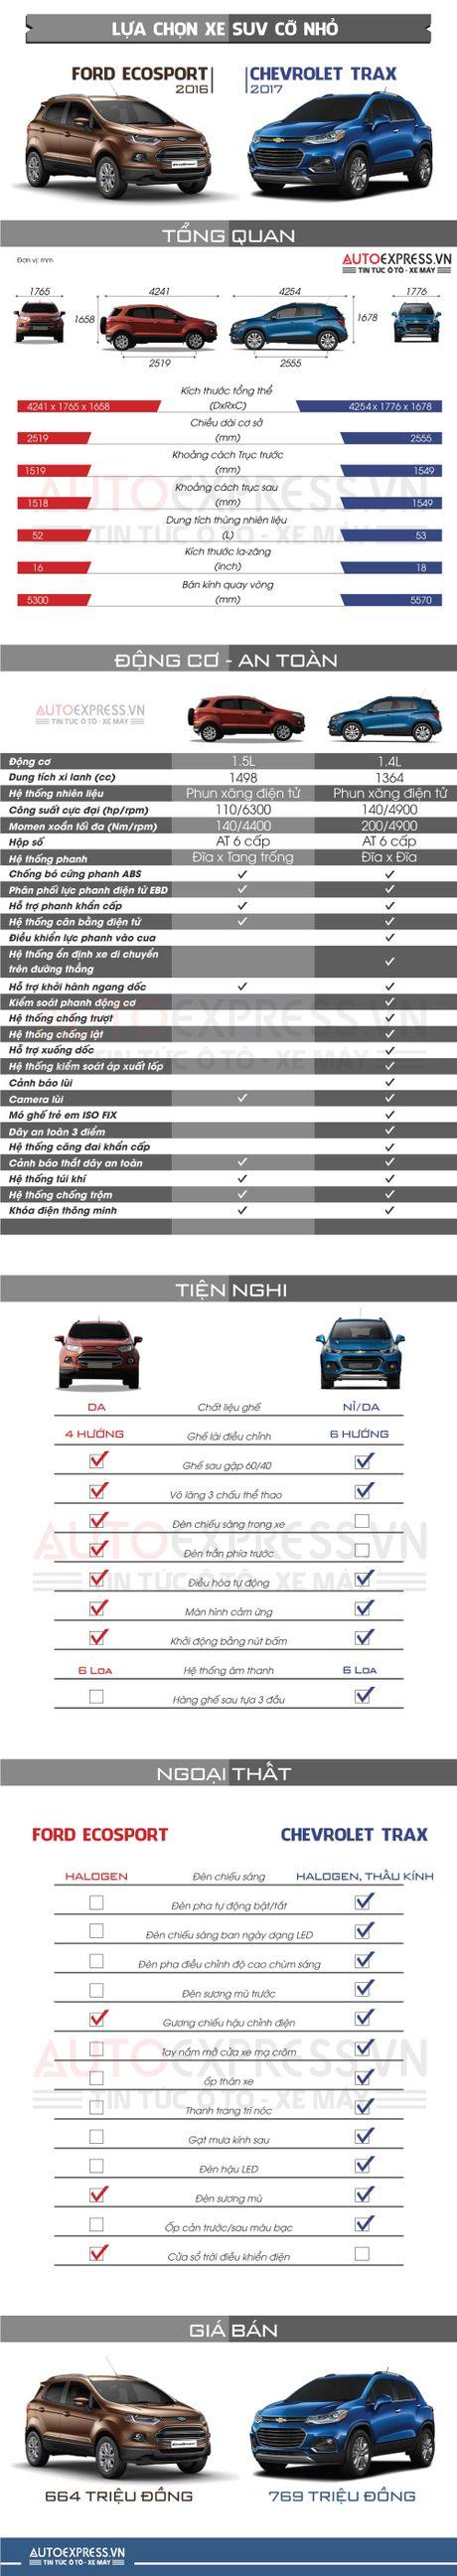 Chevrolet Trax co gi de dau Ford Ecosport tai Viet Nam? - Anh 1